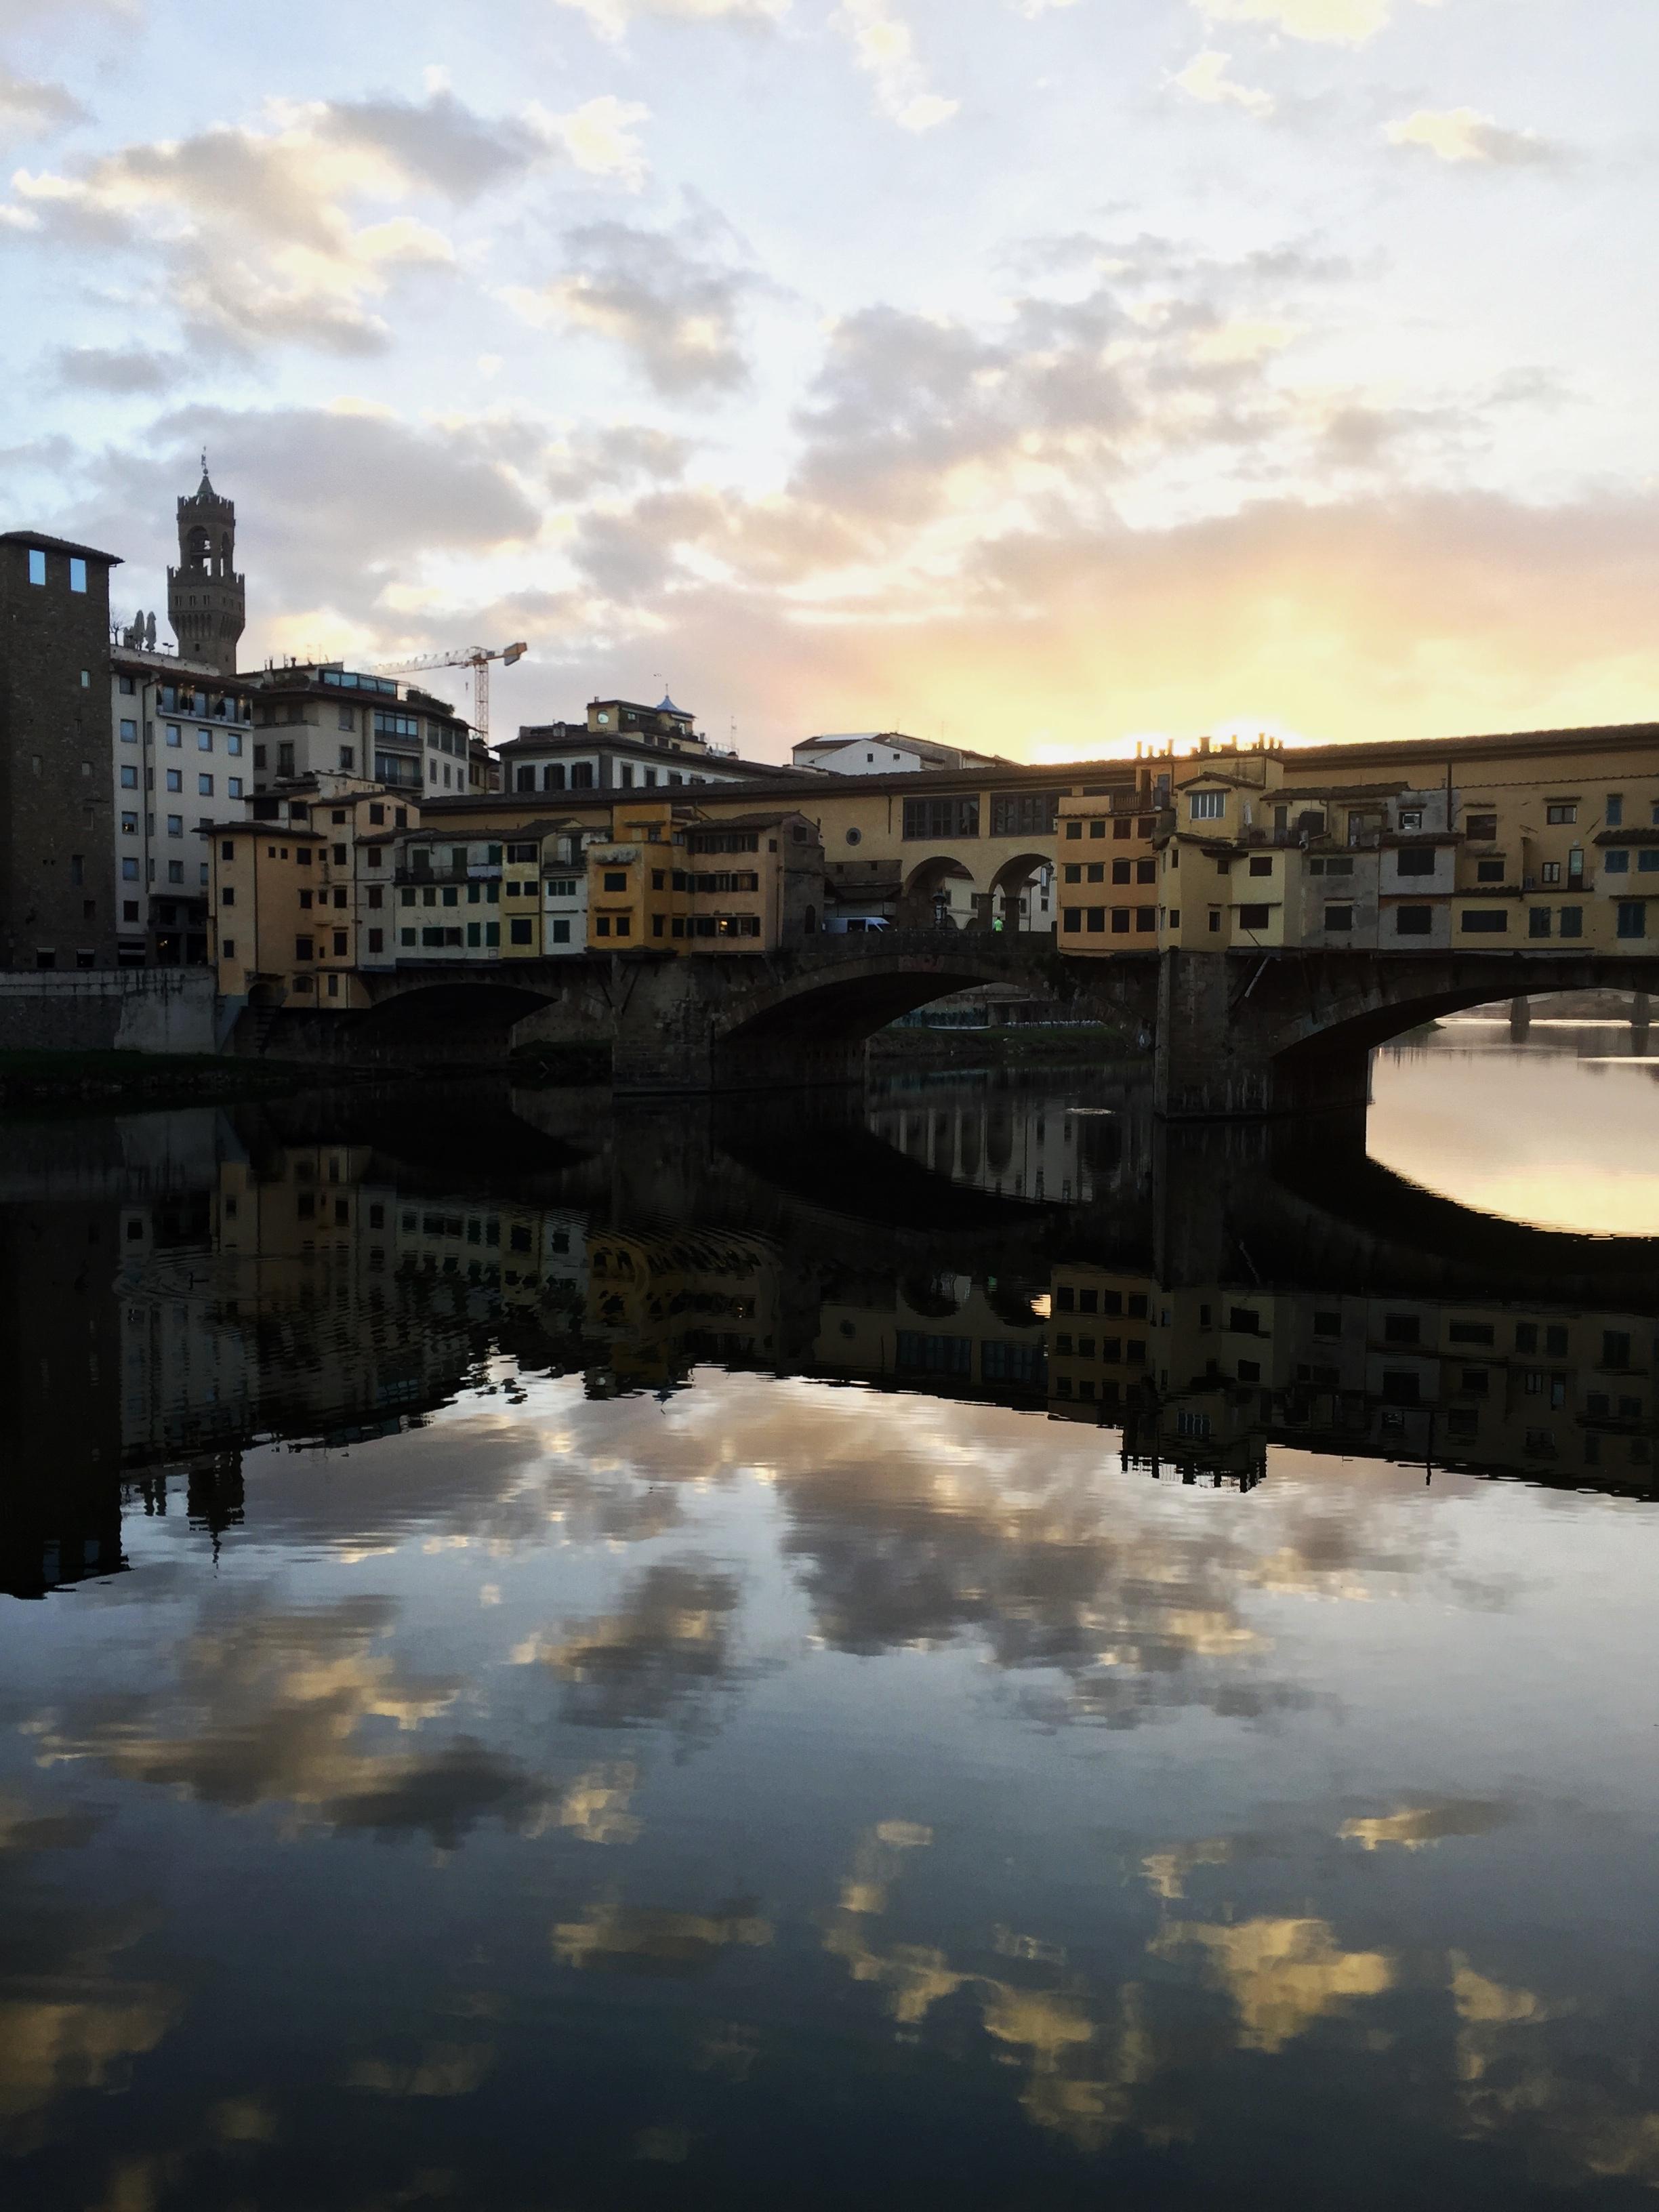 ponte+vecchio+early.jpg